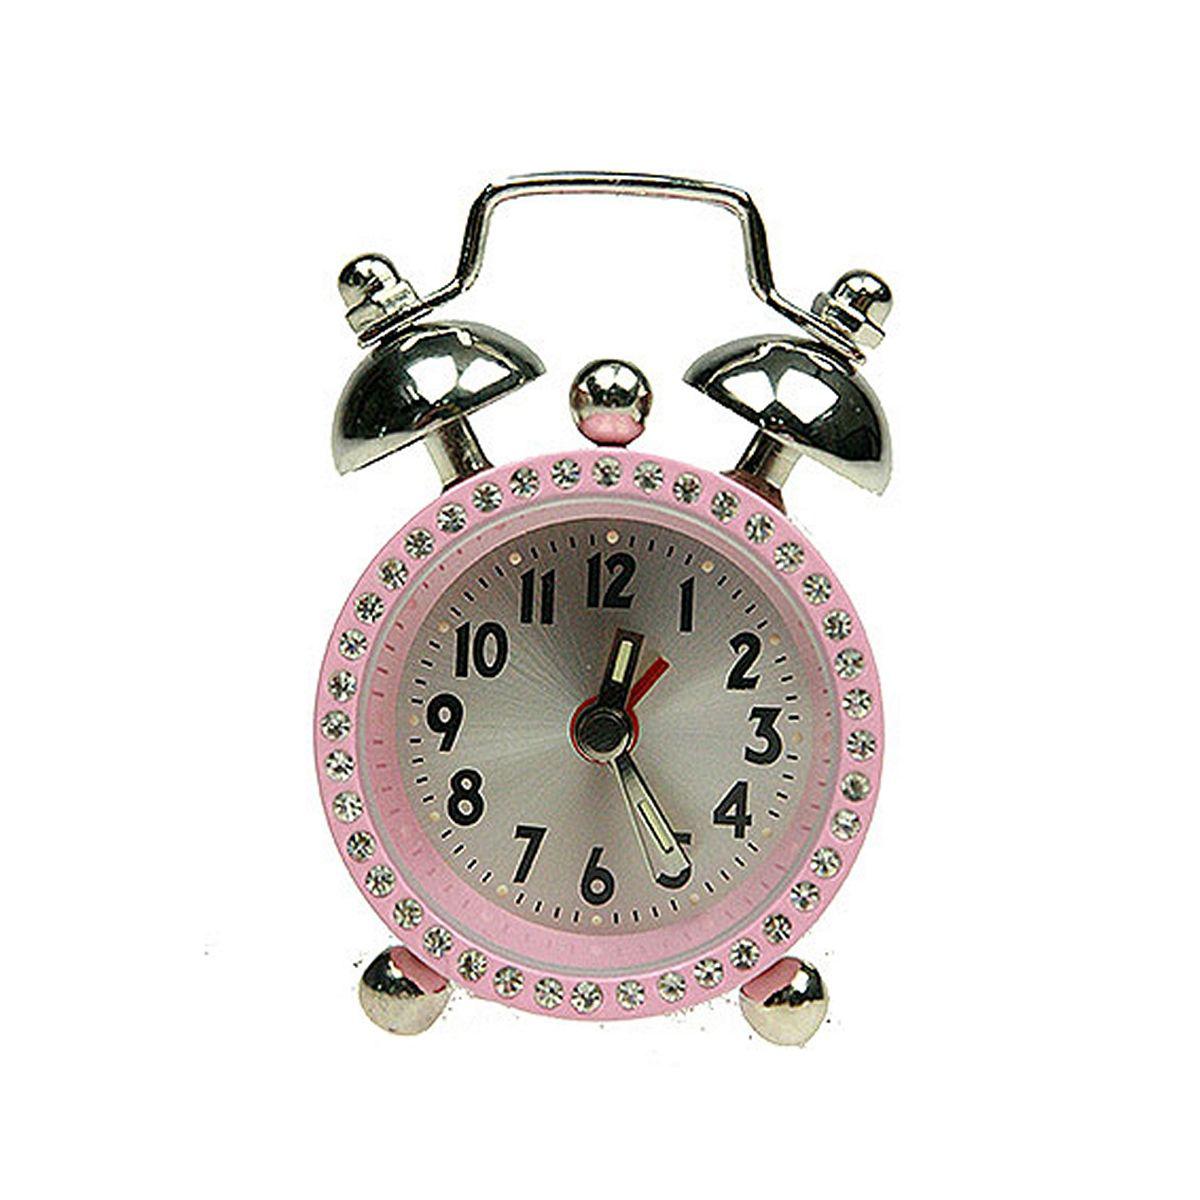 Часы настольные Русские Подарки Будильник. 22434SC - 27DНастольные кварцевые часы Русские Подарки Будильник изготовлены из металла. Корпус оформлен стразами. Часы имеют три стрелки - часовую, минутную и стрелку завода.Изящные часы красиво и оригинально украсят интерьер дома или рабочий стол в офисе. Также часы могут стать уникальным, полезным подарком для родственников, коллег, знакомых и близких.Часы работают от батареек типа SR626 (в комплект не входят).